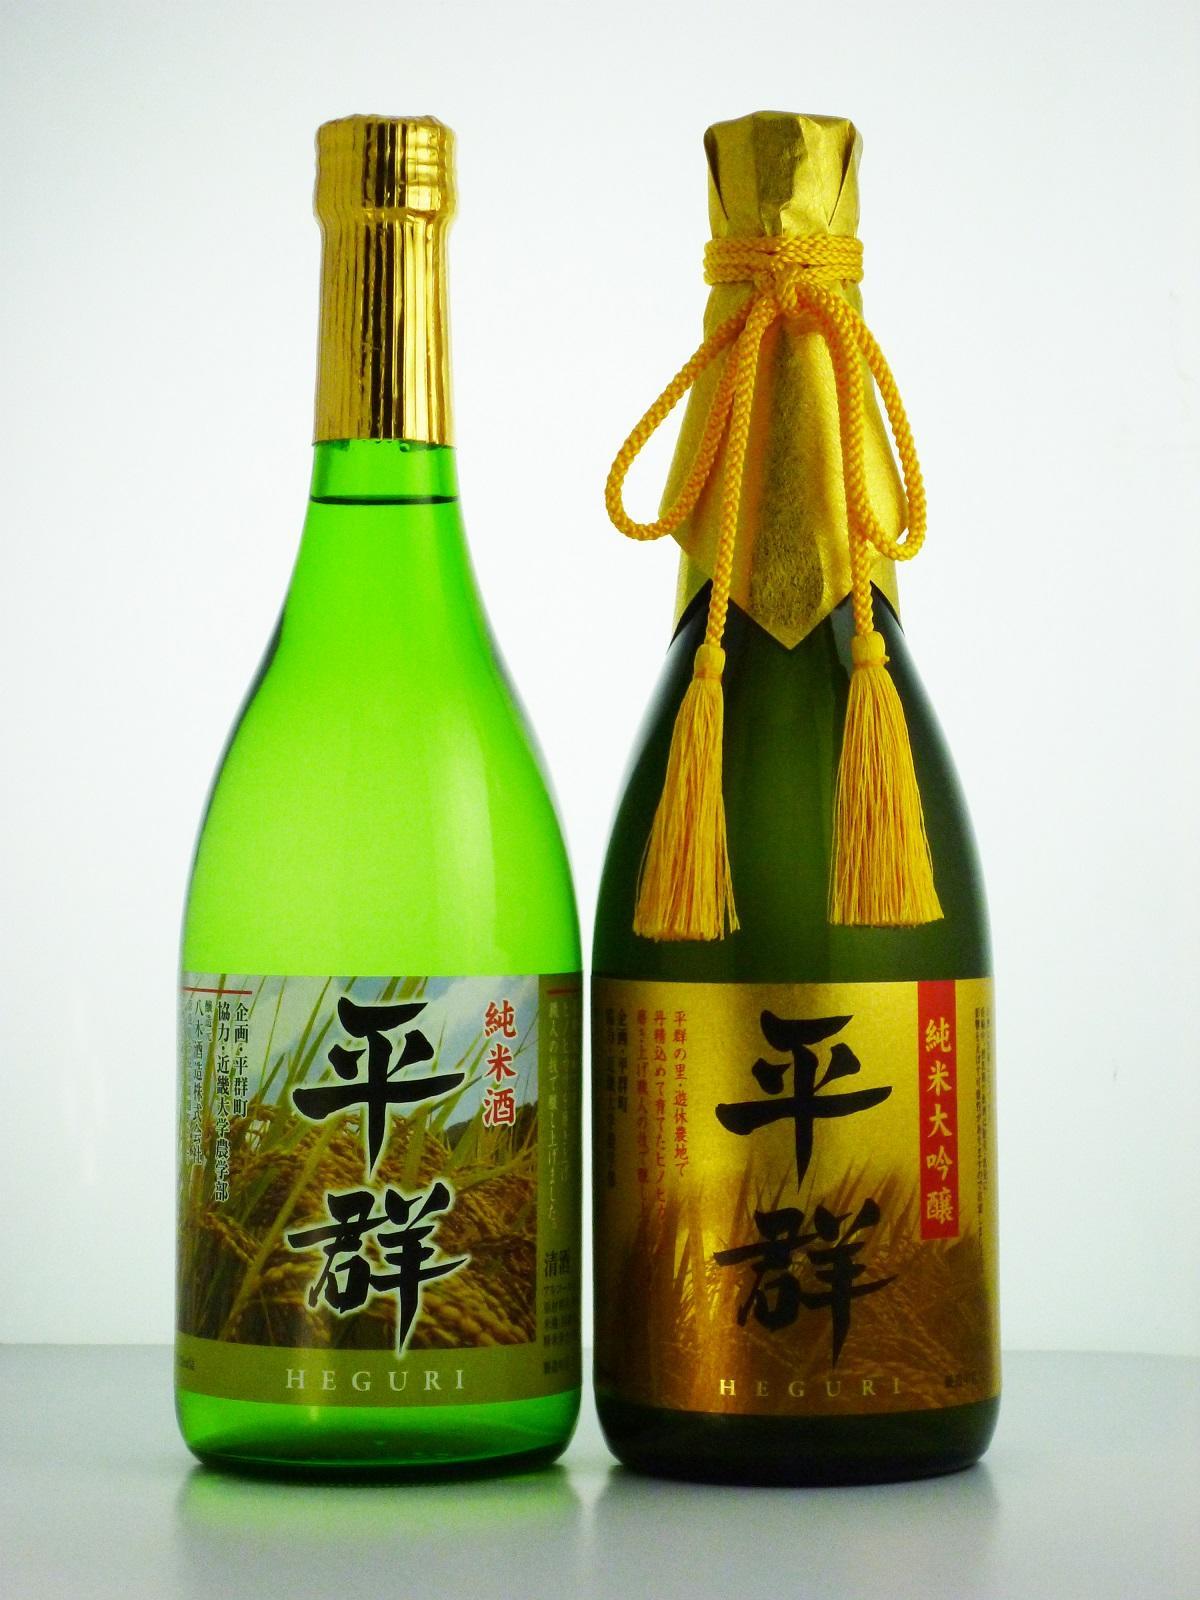 大吟醸と純米酒